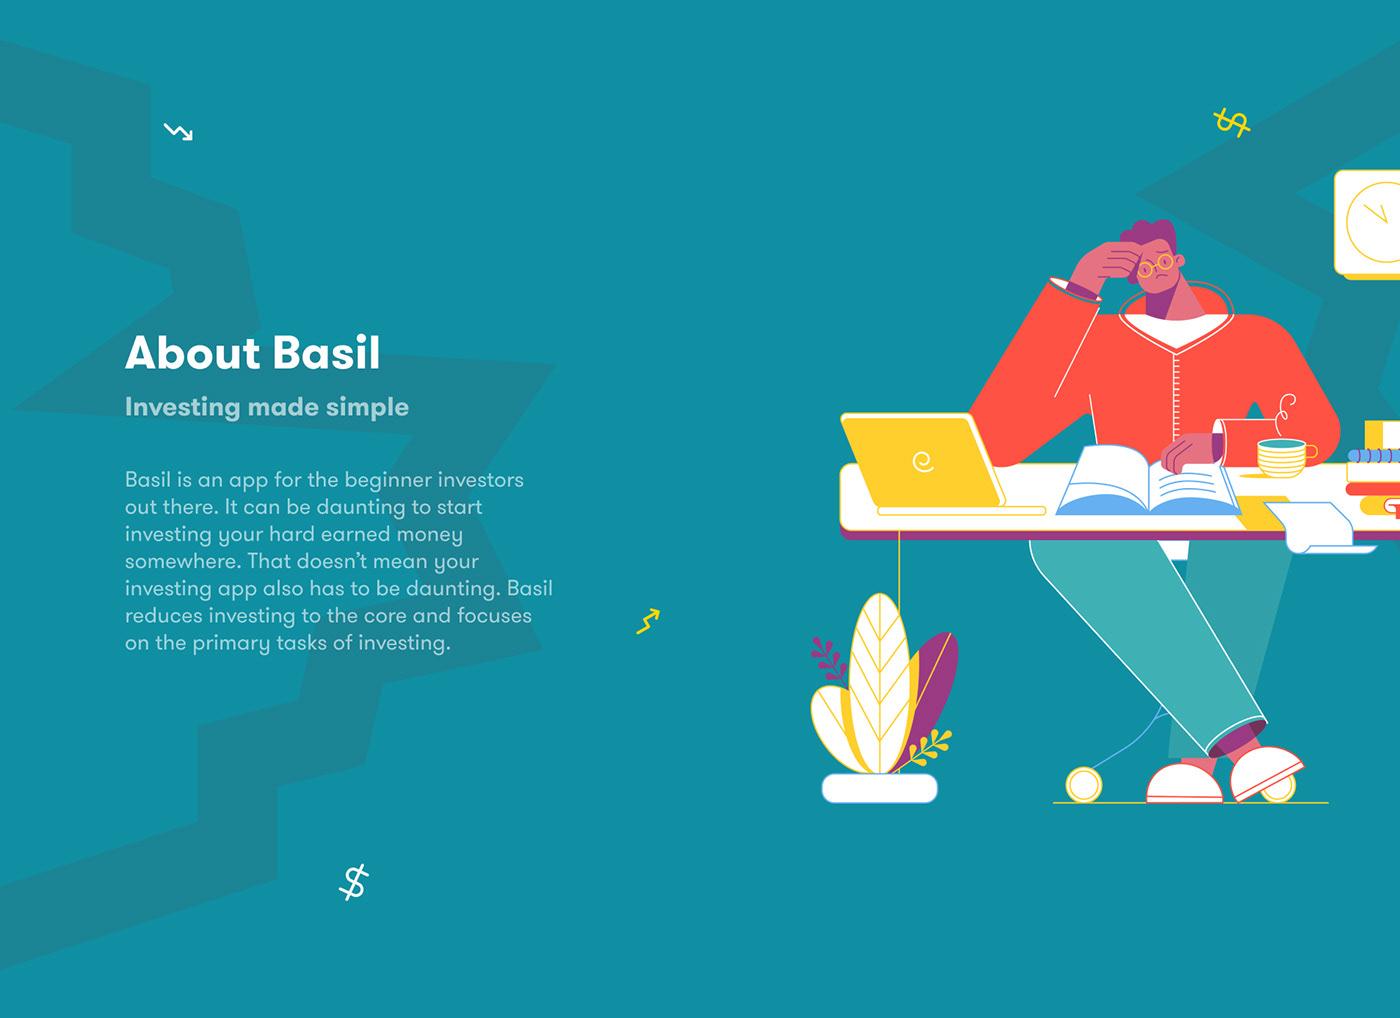 app app design graphic design  Interaction design  Investment UI uiux ux